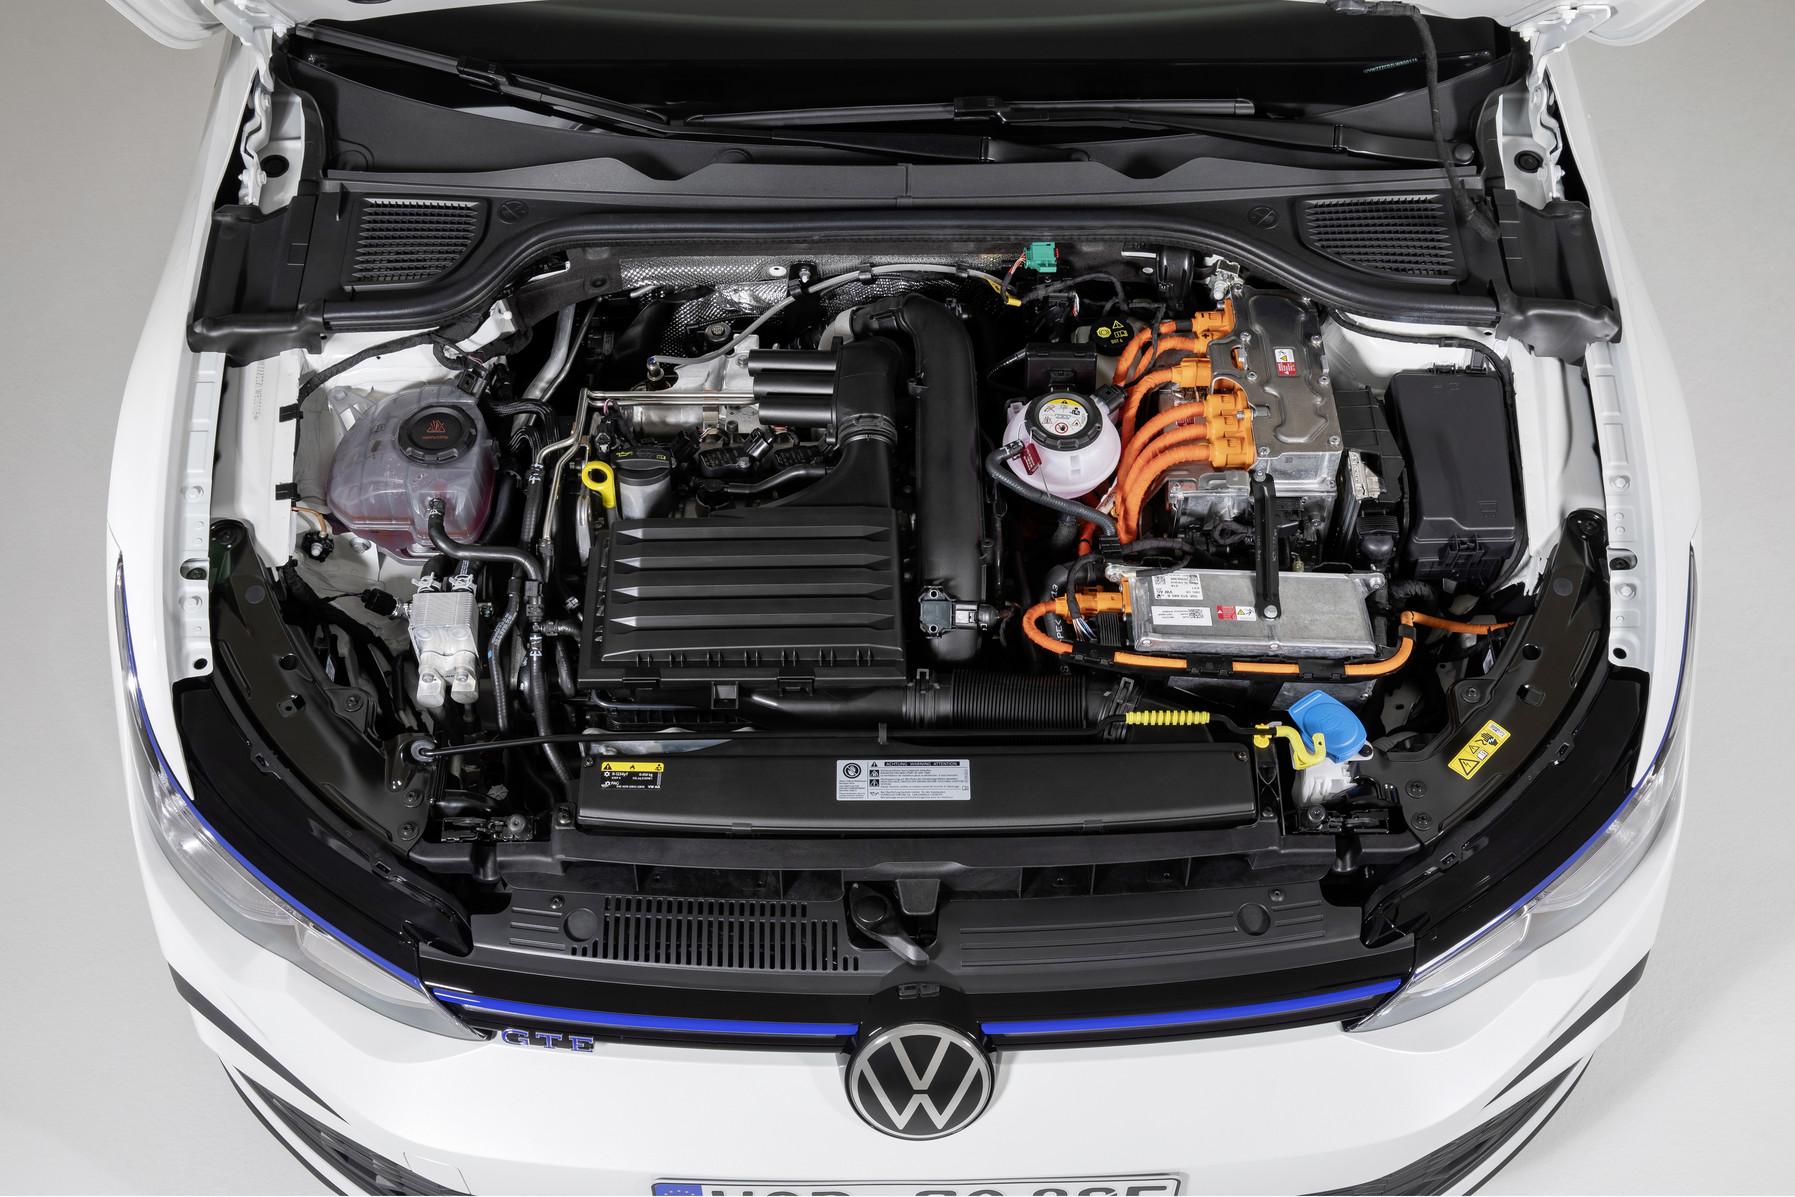 Mk8 Volkswagen Golf GTE Engine